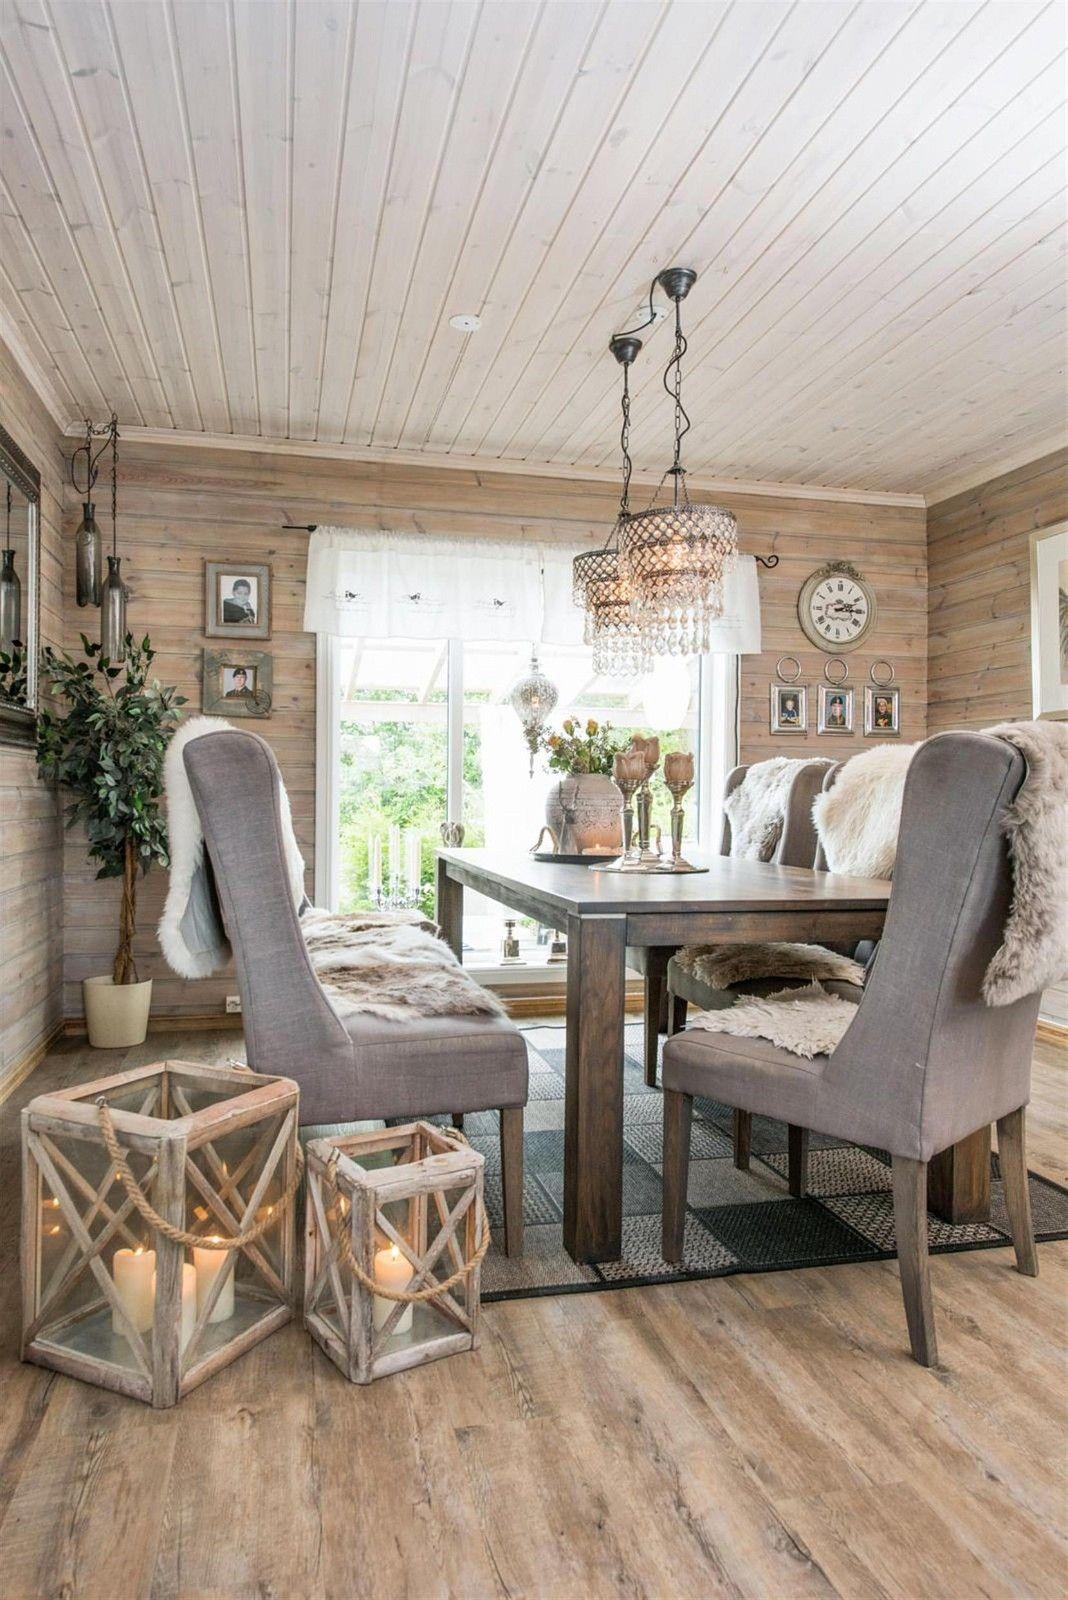 обеденный стол стулья подсвечник фонарь